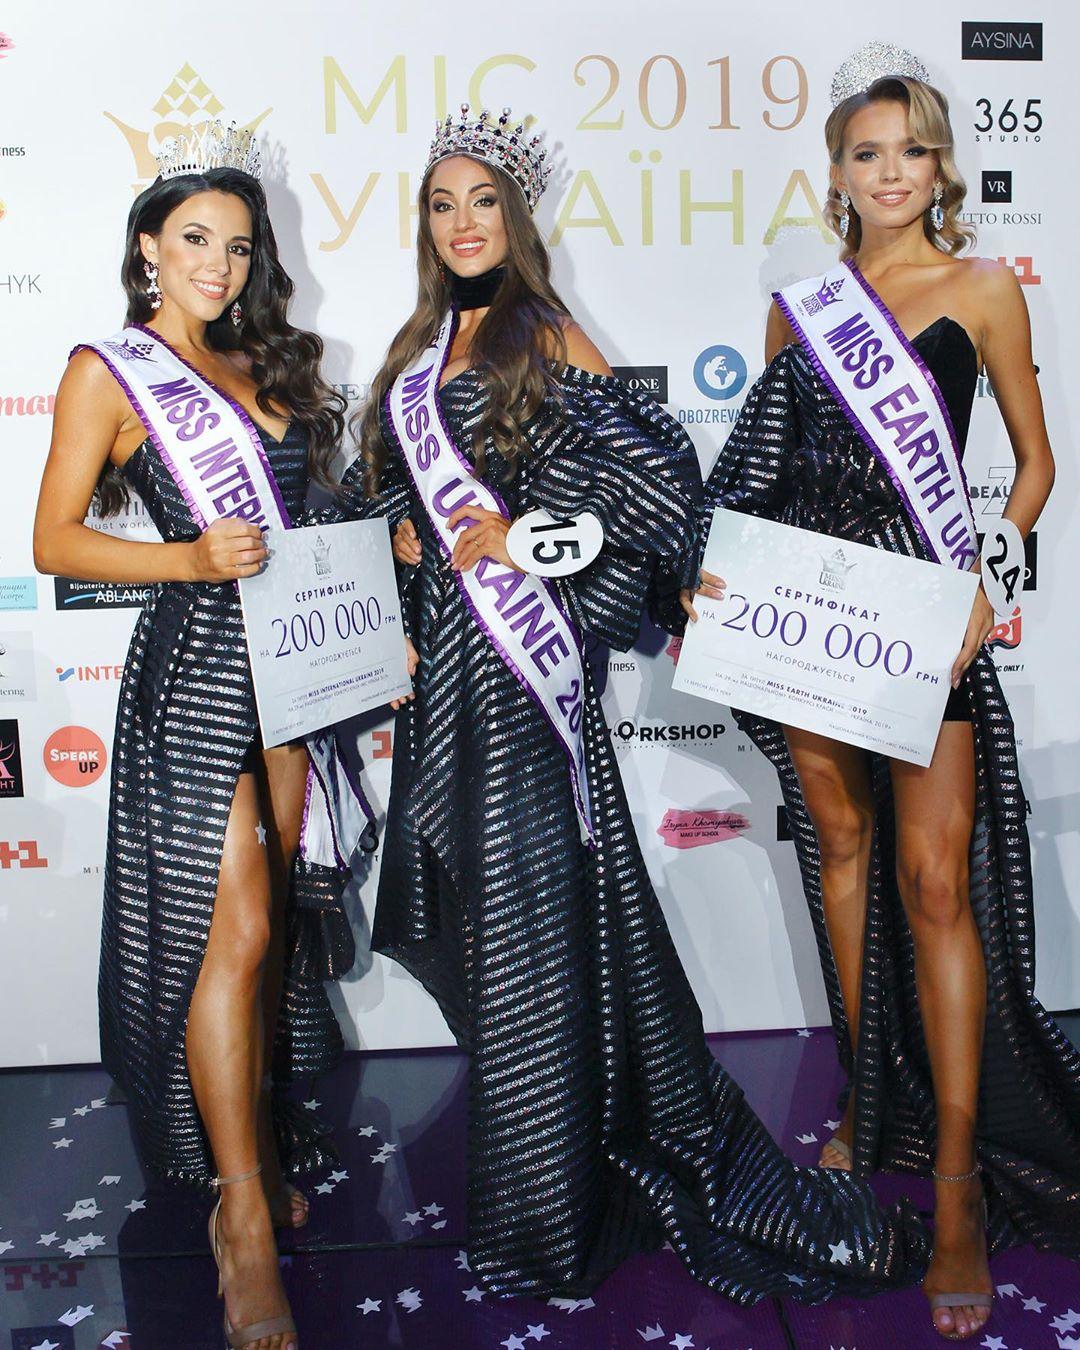 Мисс Украина 2019 светит ягодицами в шпагате... и вышивает иконы